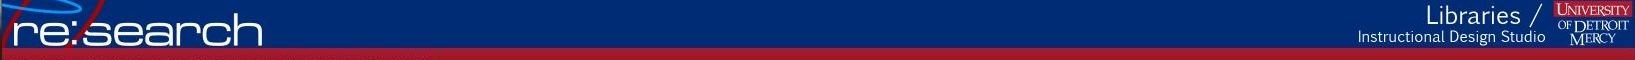 UDM Libraries logo banner